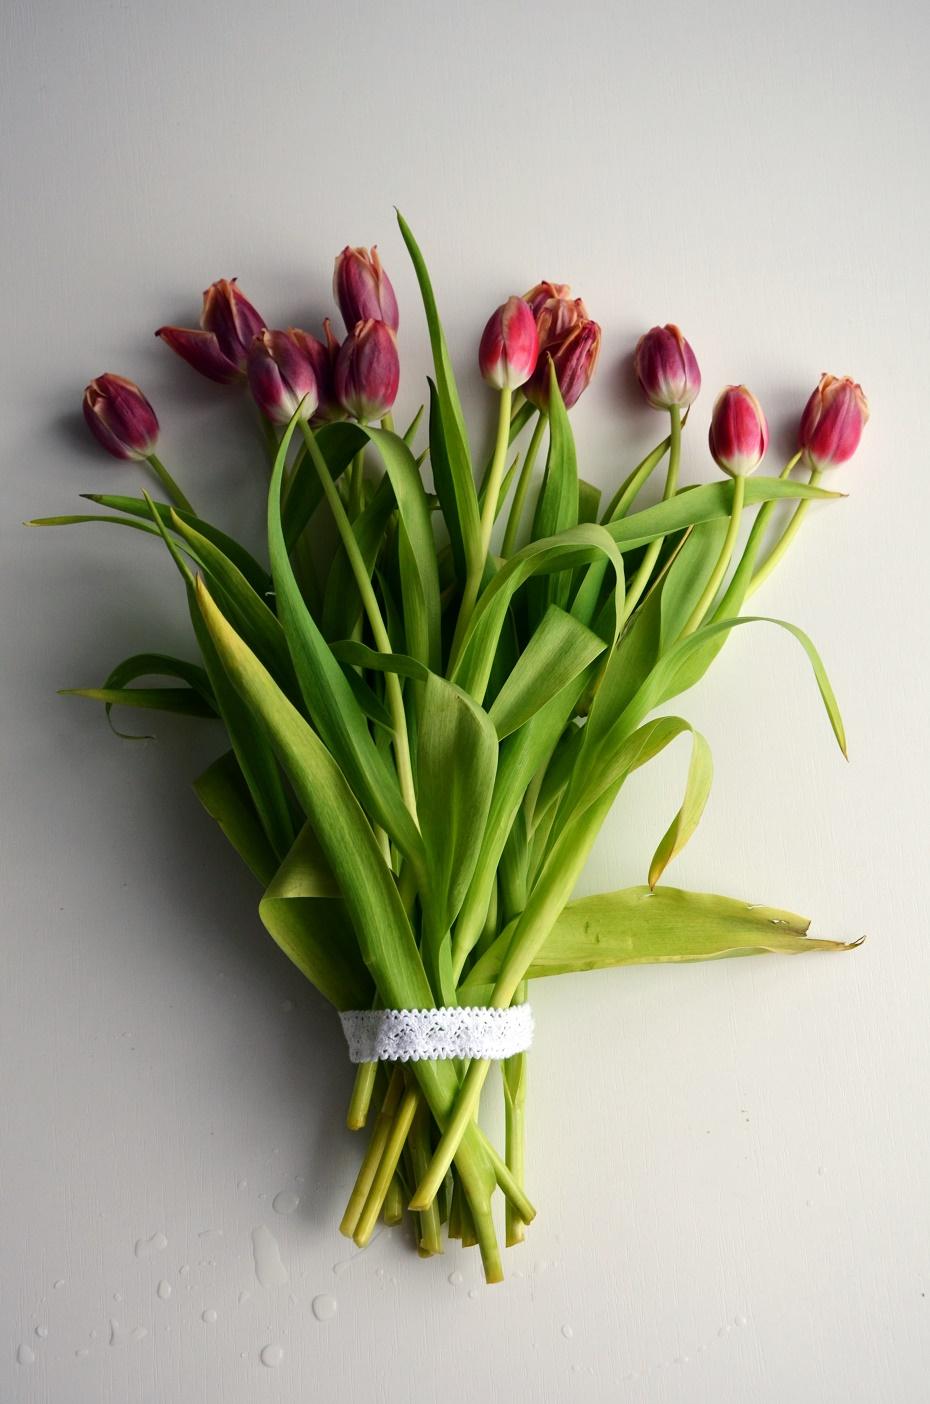 jak zrobić słoiczki na kwiaty